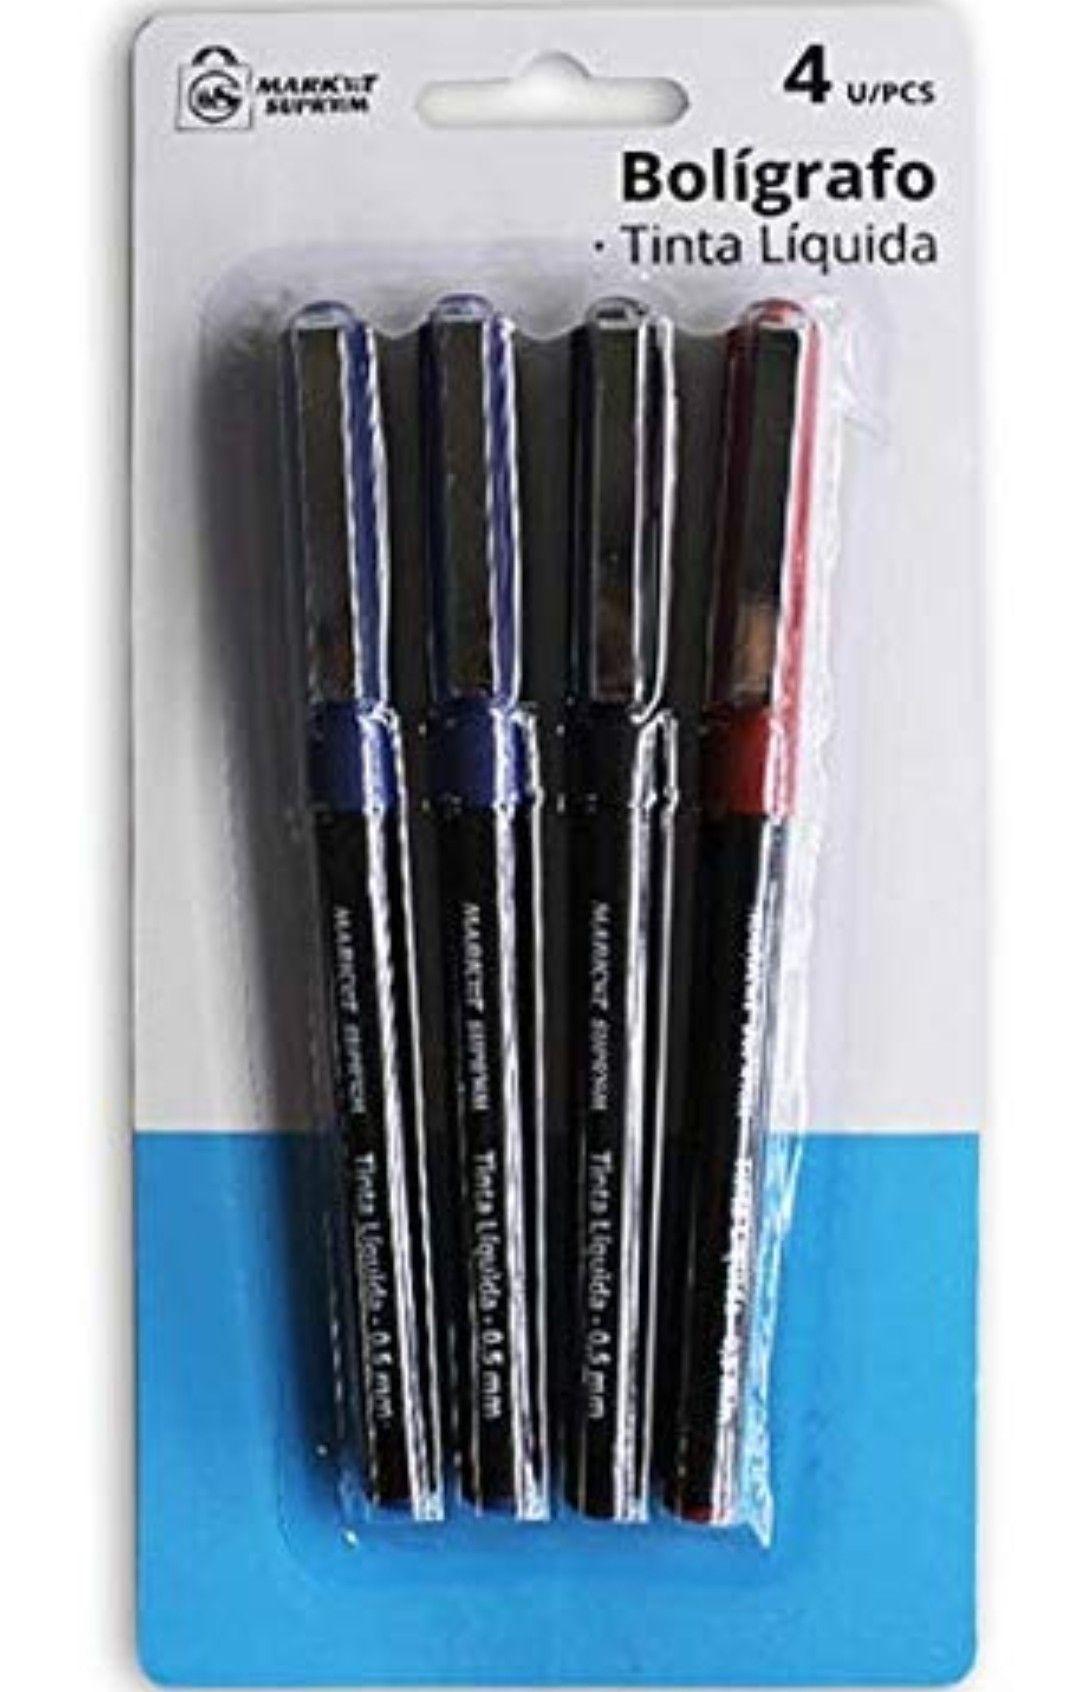 4 bolígrafos de tinta líquida baratos